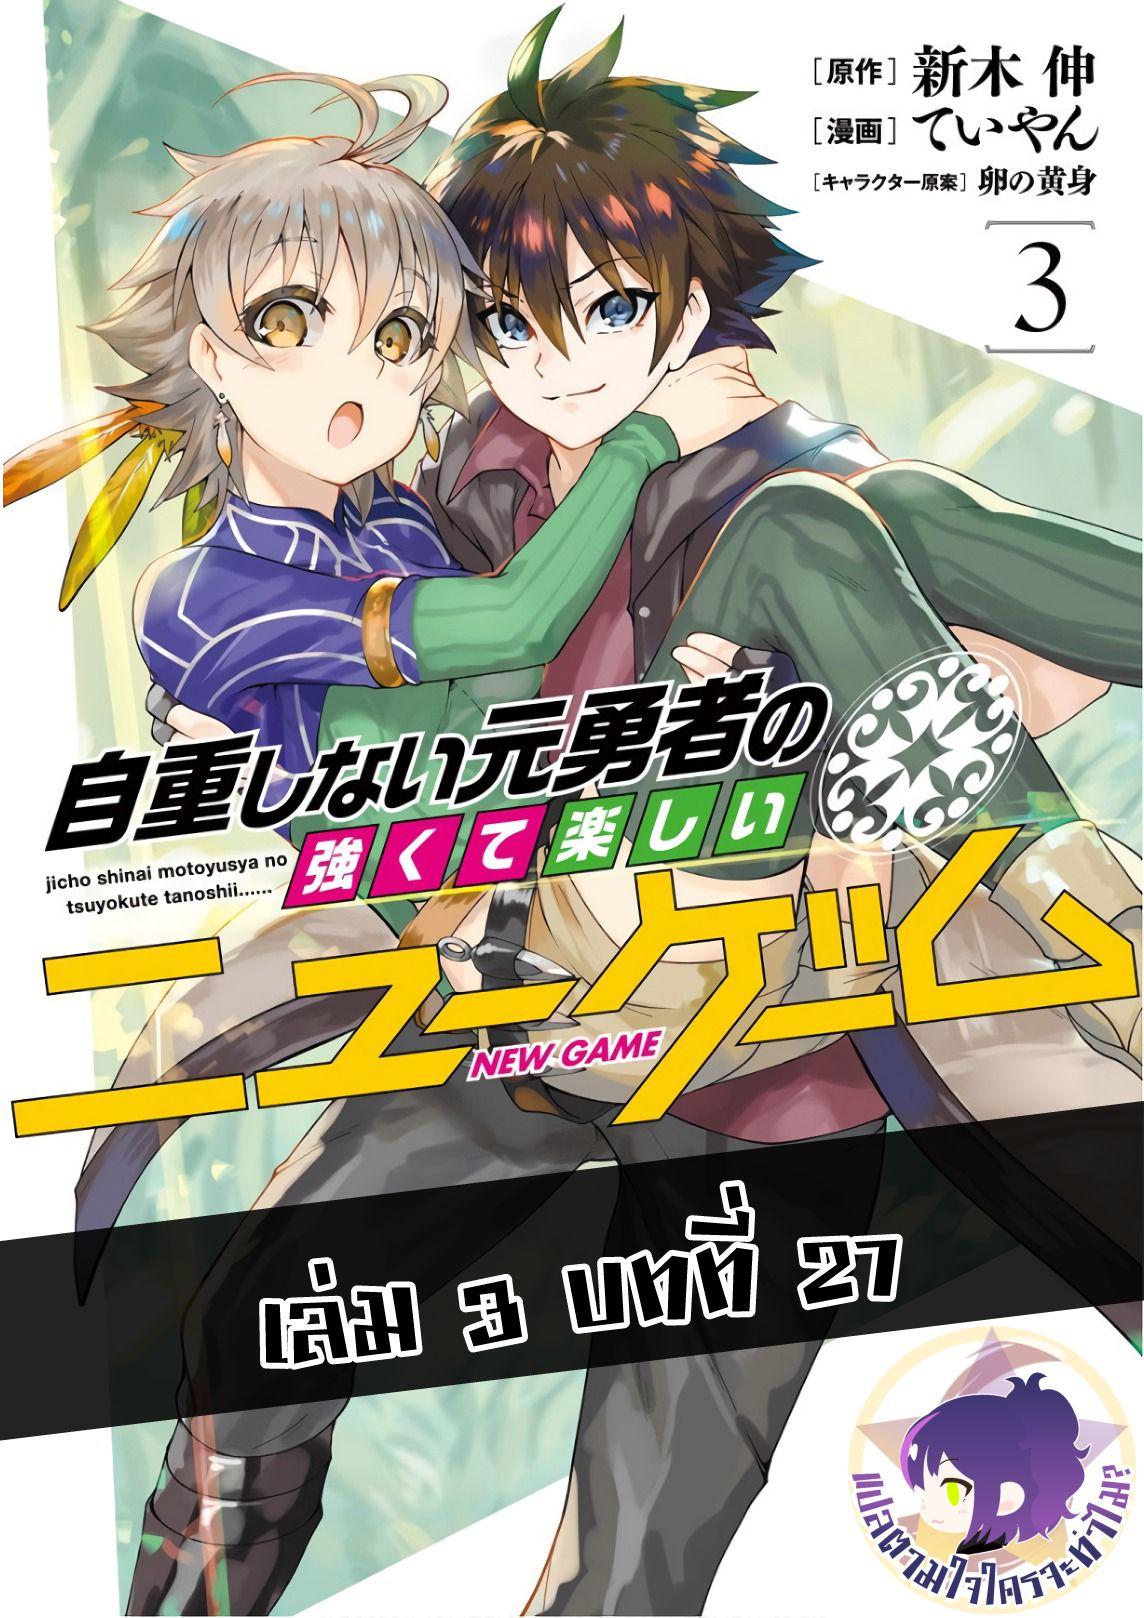 Jichou shinai Motoyuusha no Tsuyokute Tanoshii New Game ตอนที่ 27